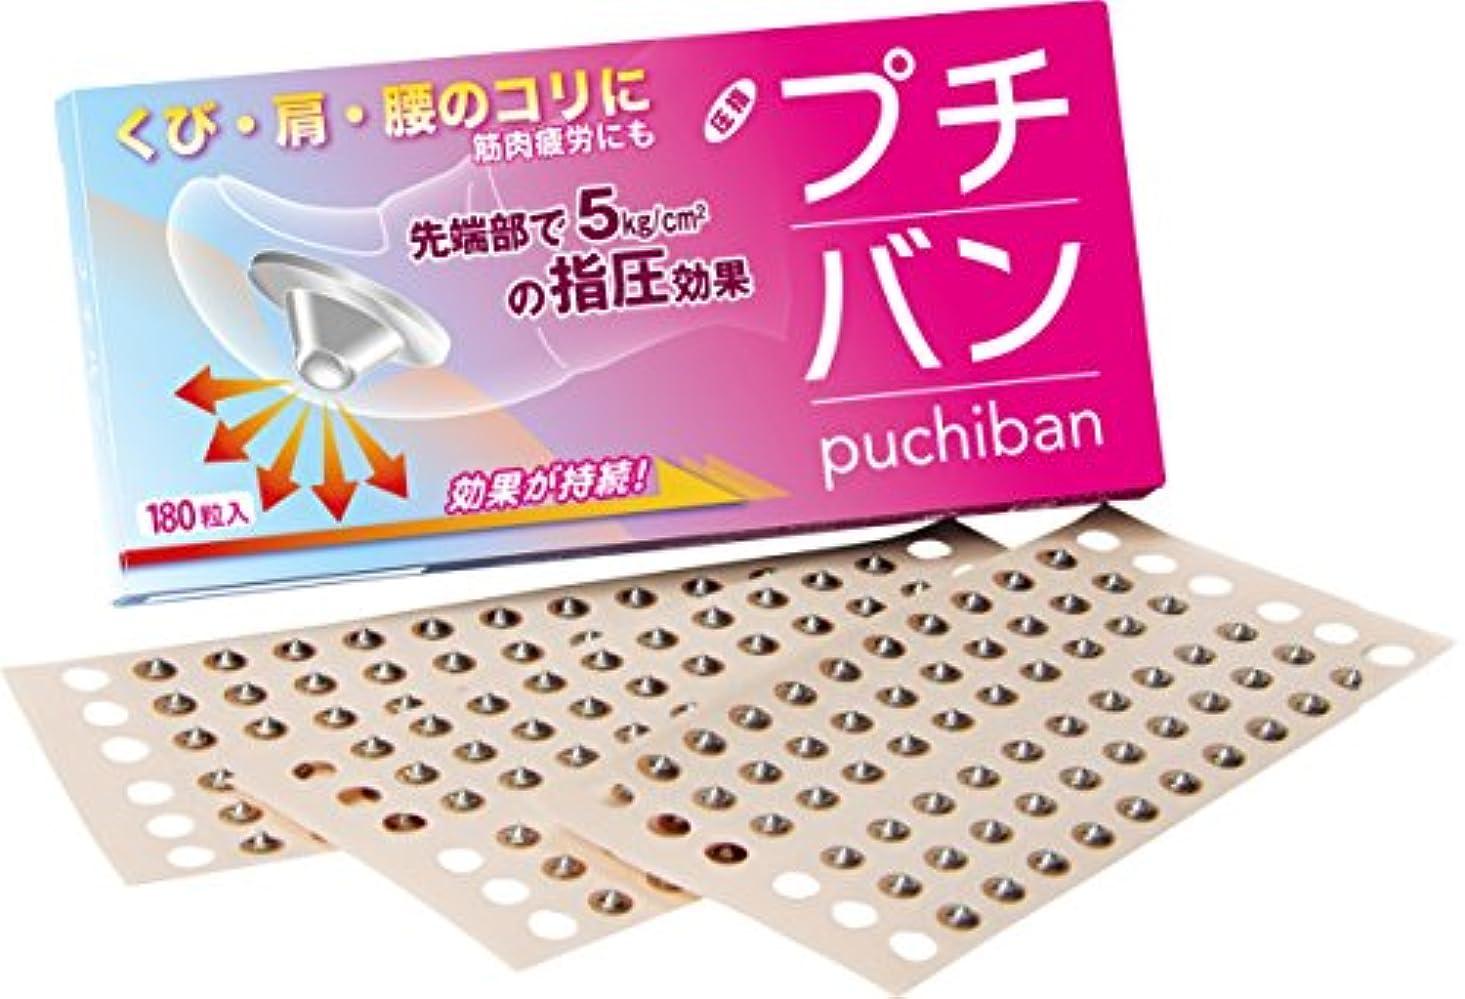 抜け目のないつぶす病者一般医療機器 家庭用貼付型接触粒 プチバン 180粒入 ピンクパッケージ